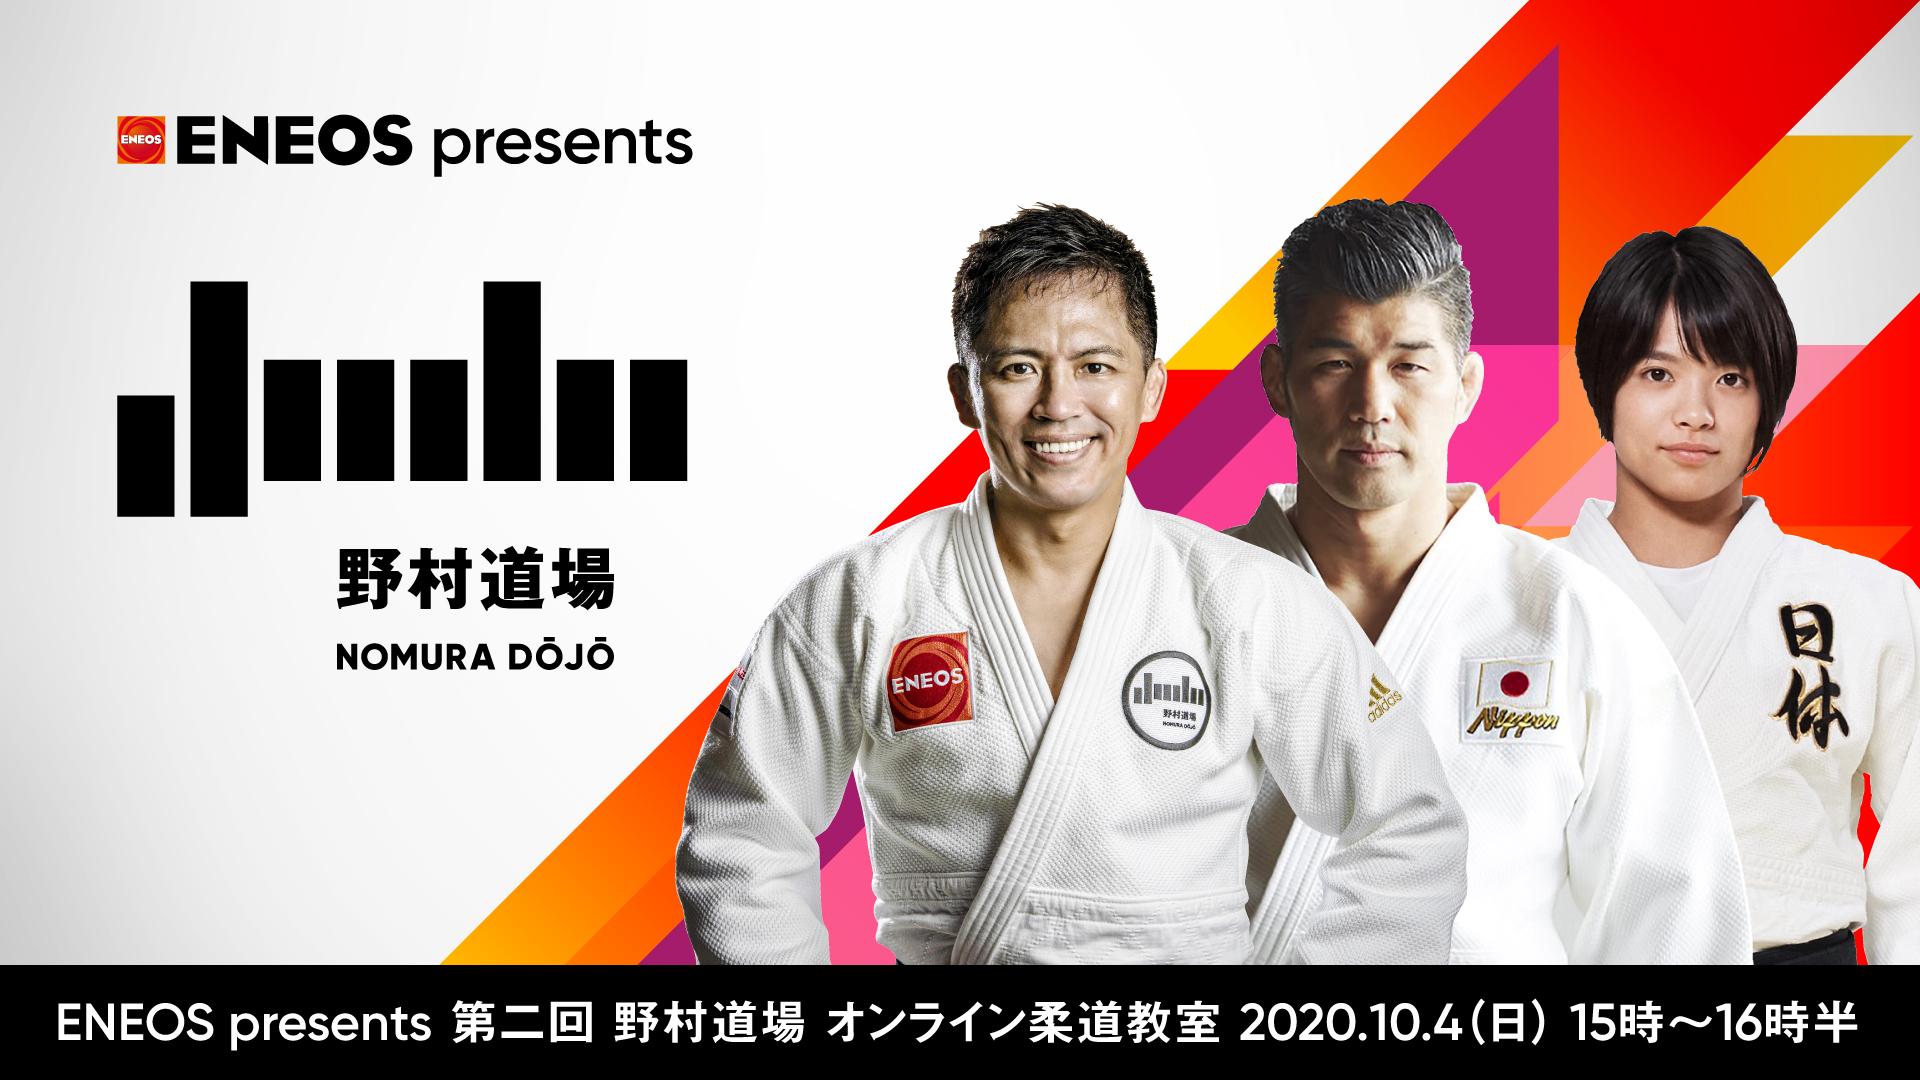 https://nextend.jp/wp-content/uploads/2020/10/nomura_dojo_vol2_1920x1080px_All_ver4.jpg